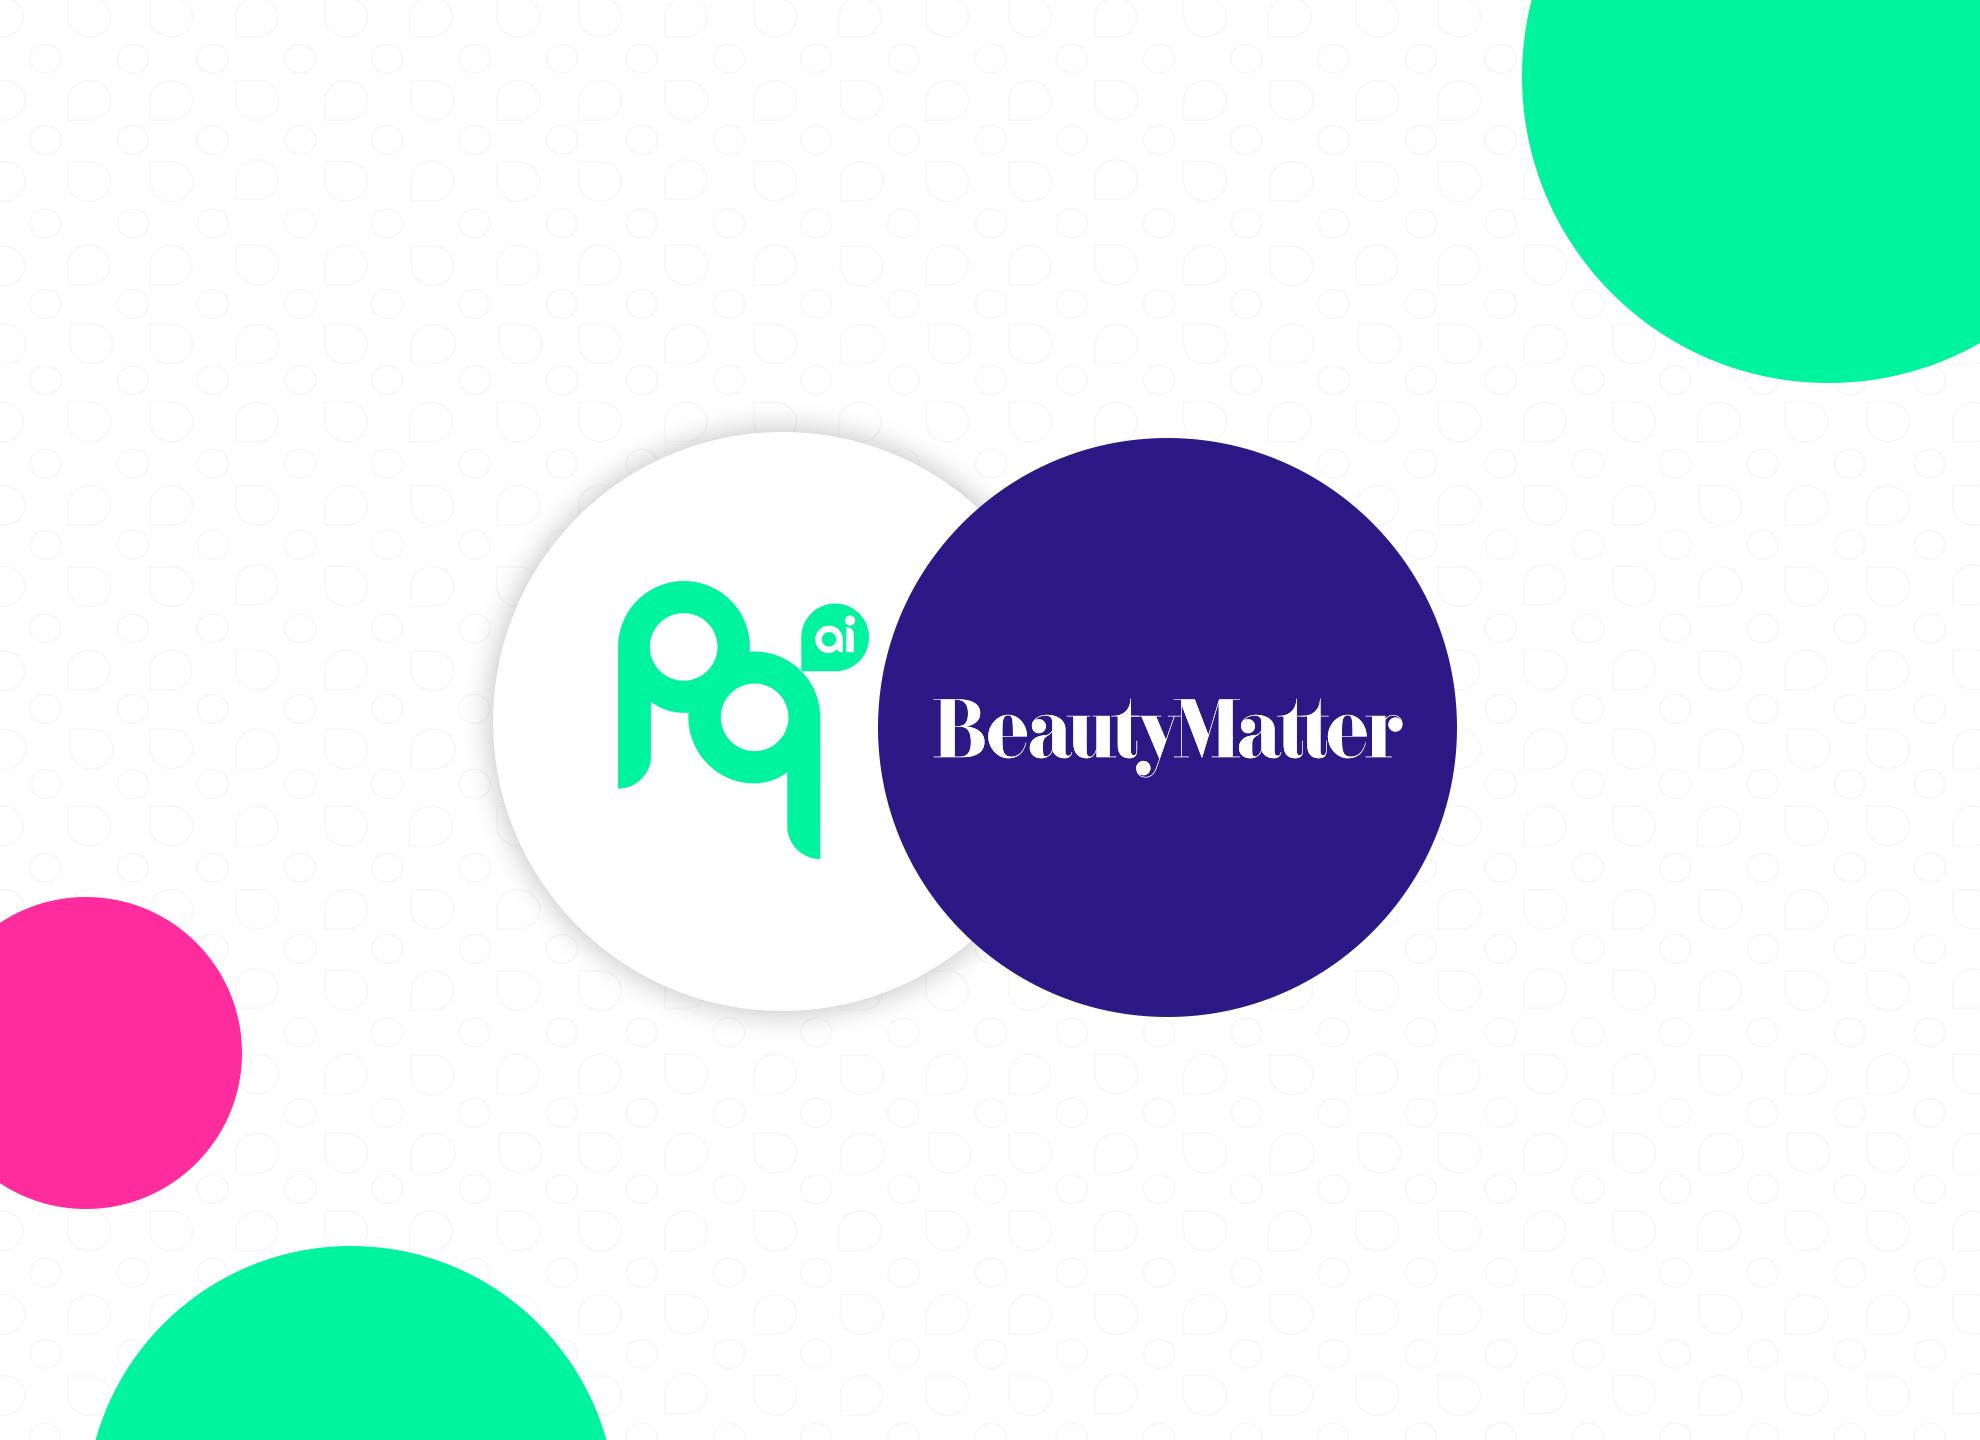 Brand marketing brand ProQuo AI and Beauty brand BeautyMatter